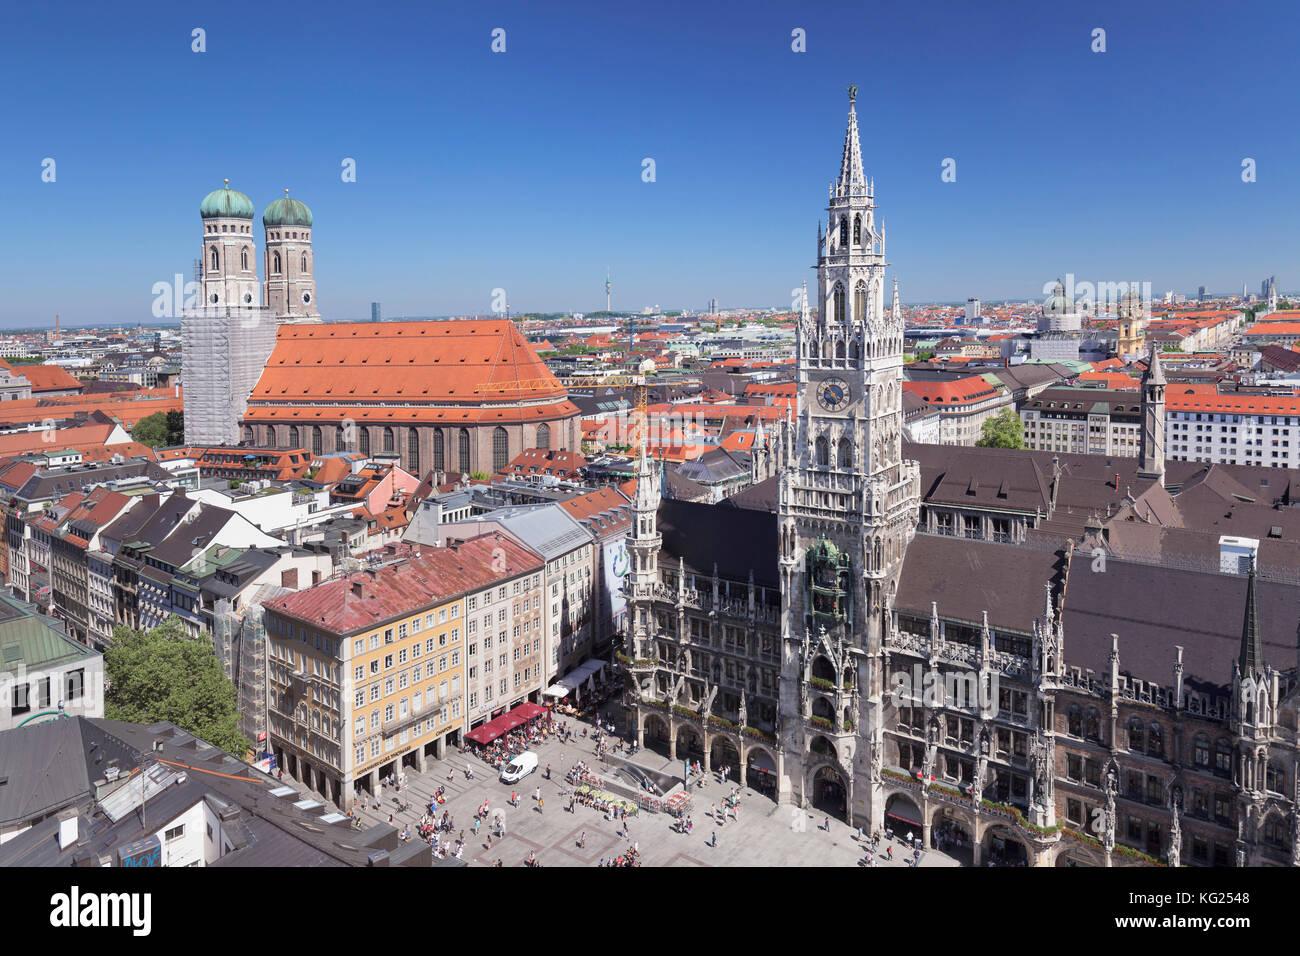 Marienplatz mit Rathaus (Neues Rathaus) und die Frauenkirche, München, Bayern, Deutschland, Europa Stockbild